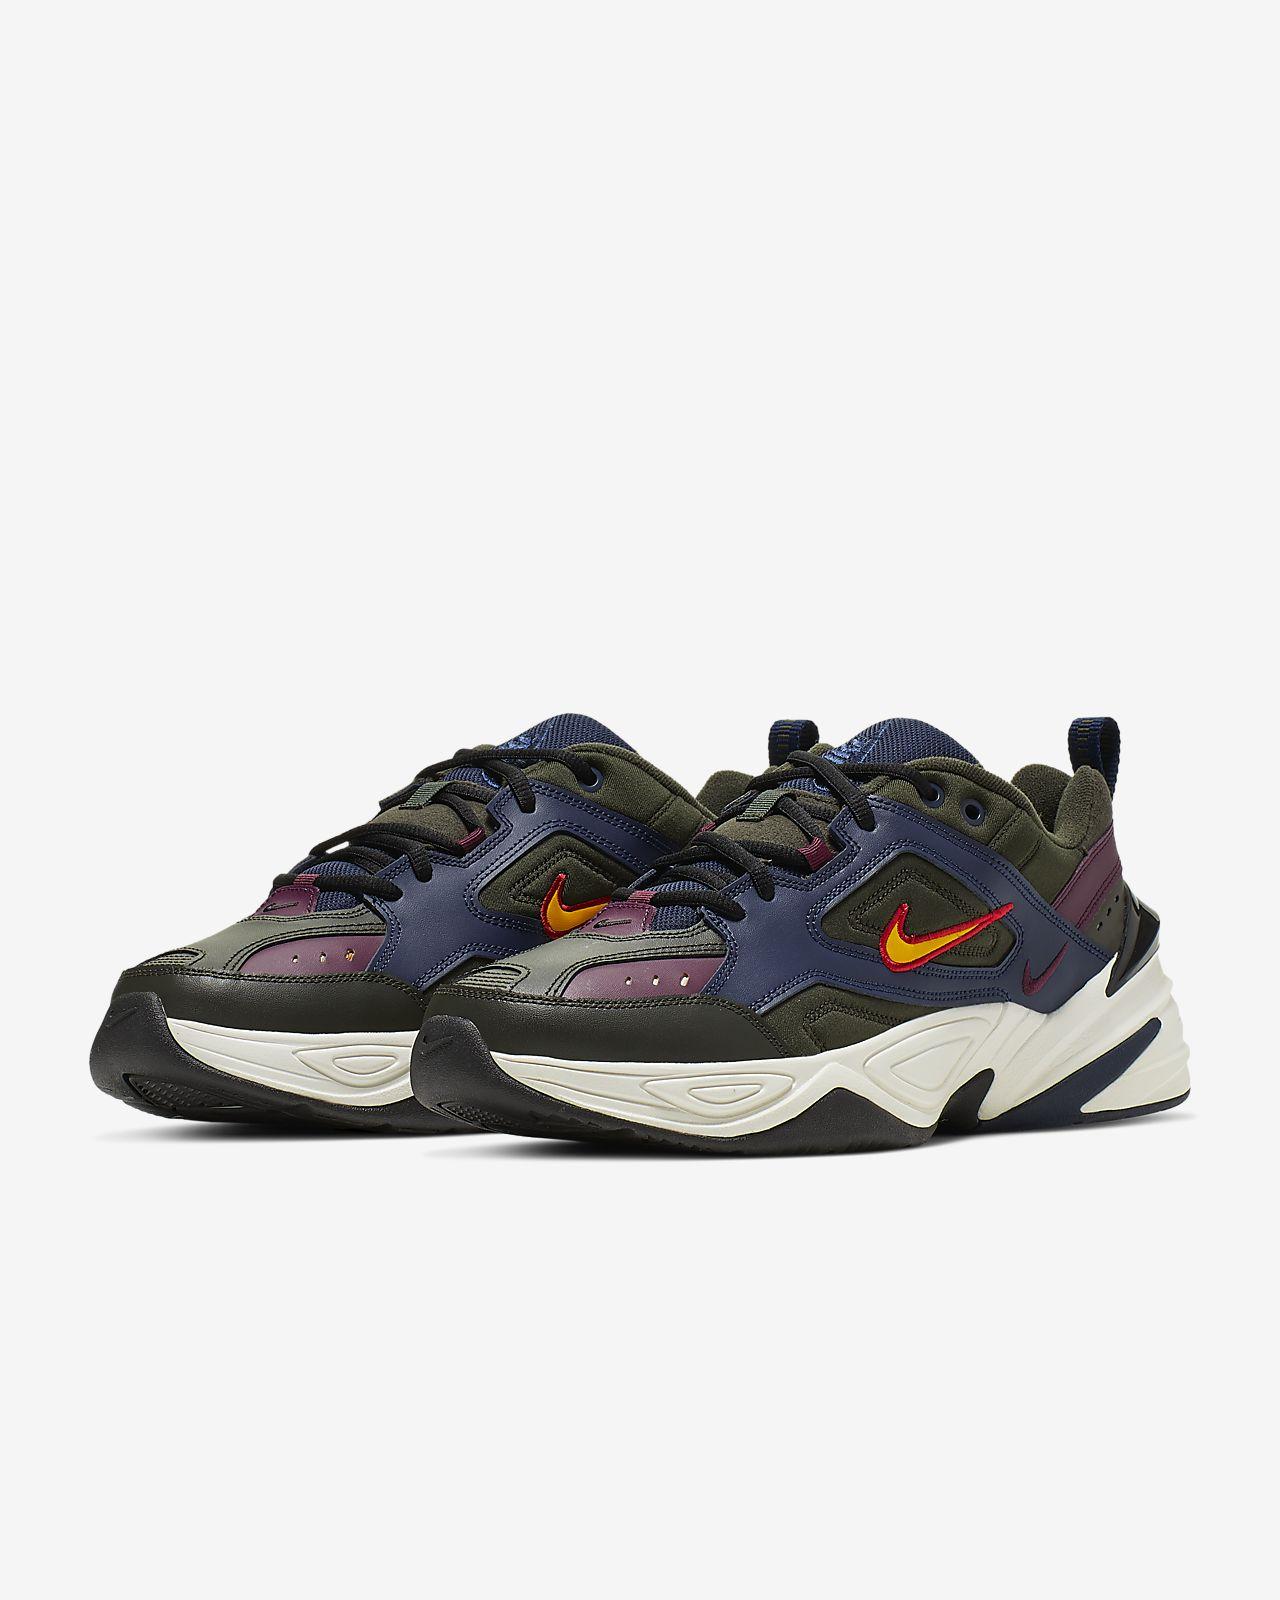 release date 38da1 b6f4a ... Nike M2K Tekno Men s Shoe